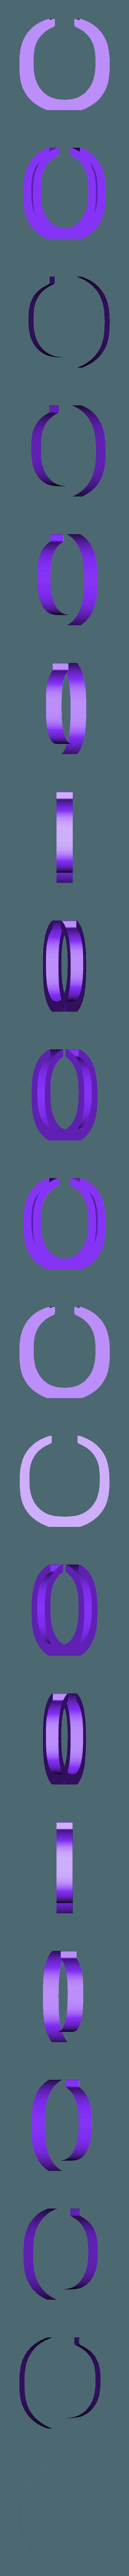 ring.stl Télécharger fichier STL gratuit Bague Araignée Plus • Plan à imprimer en 3D, Gaygwenn